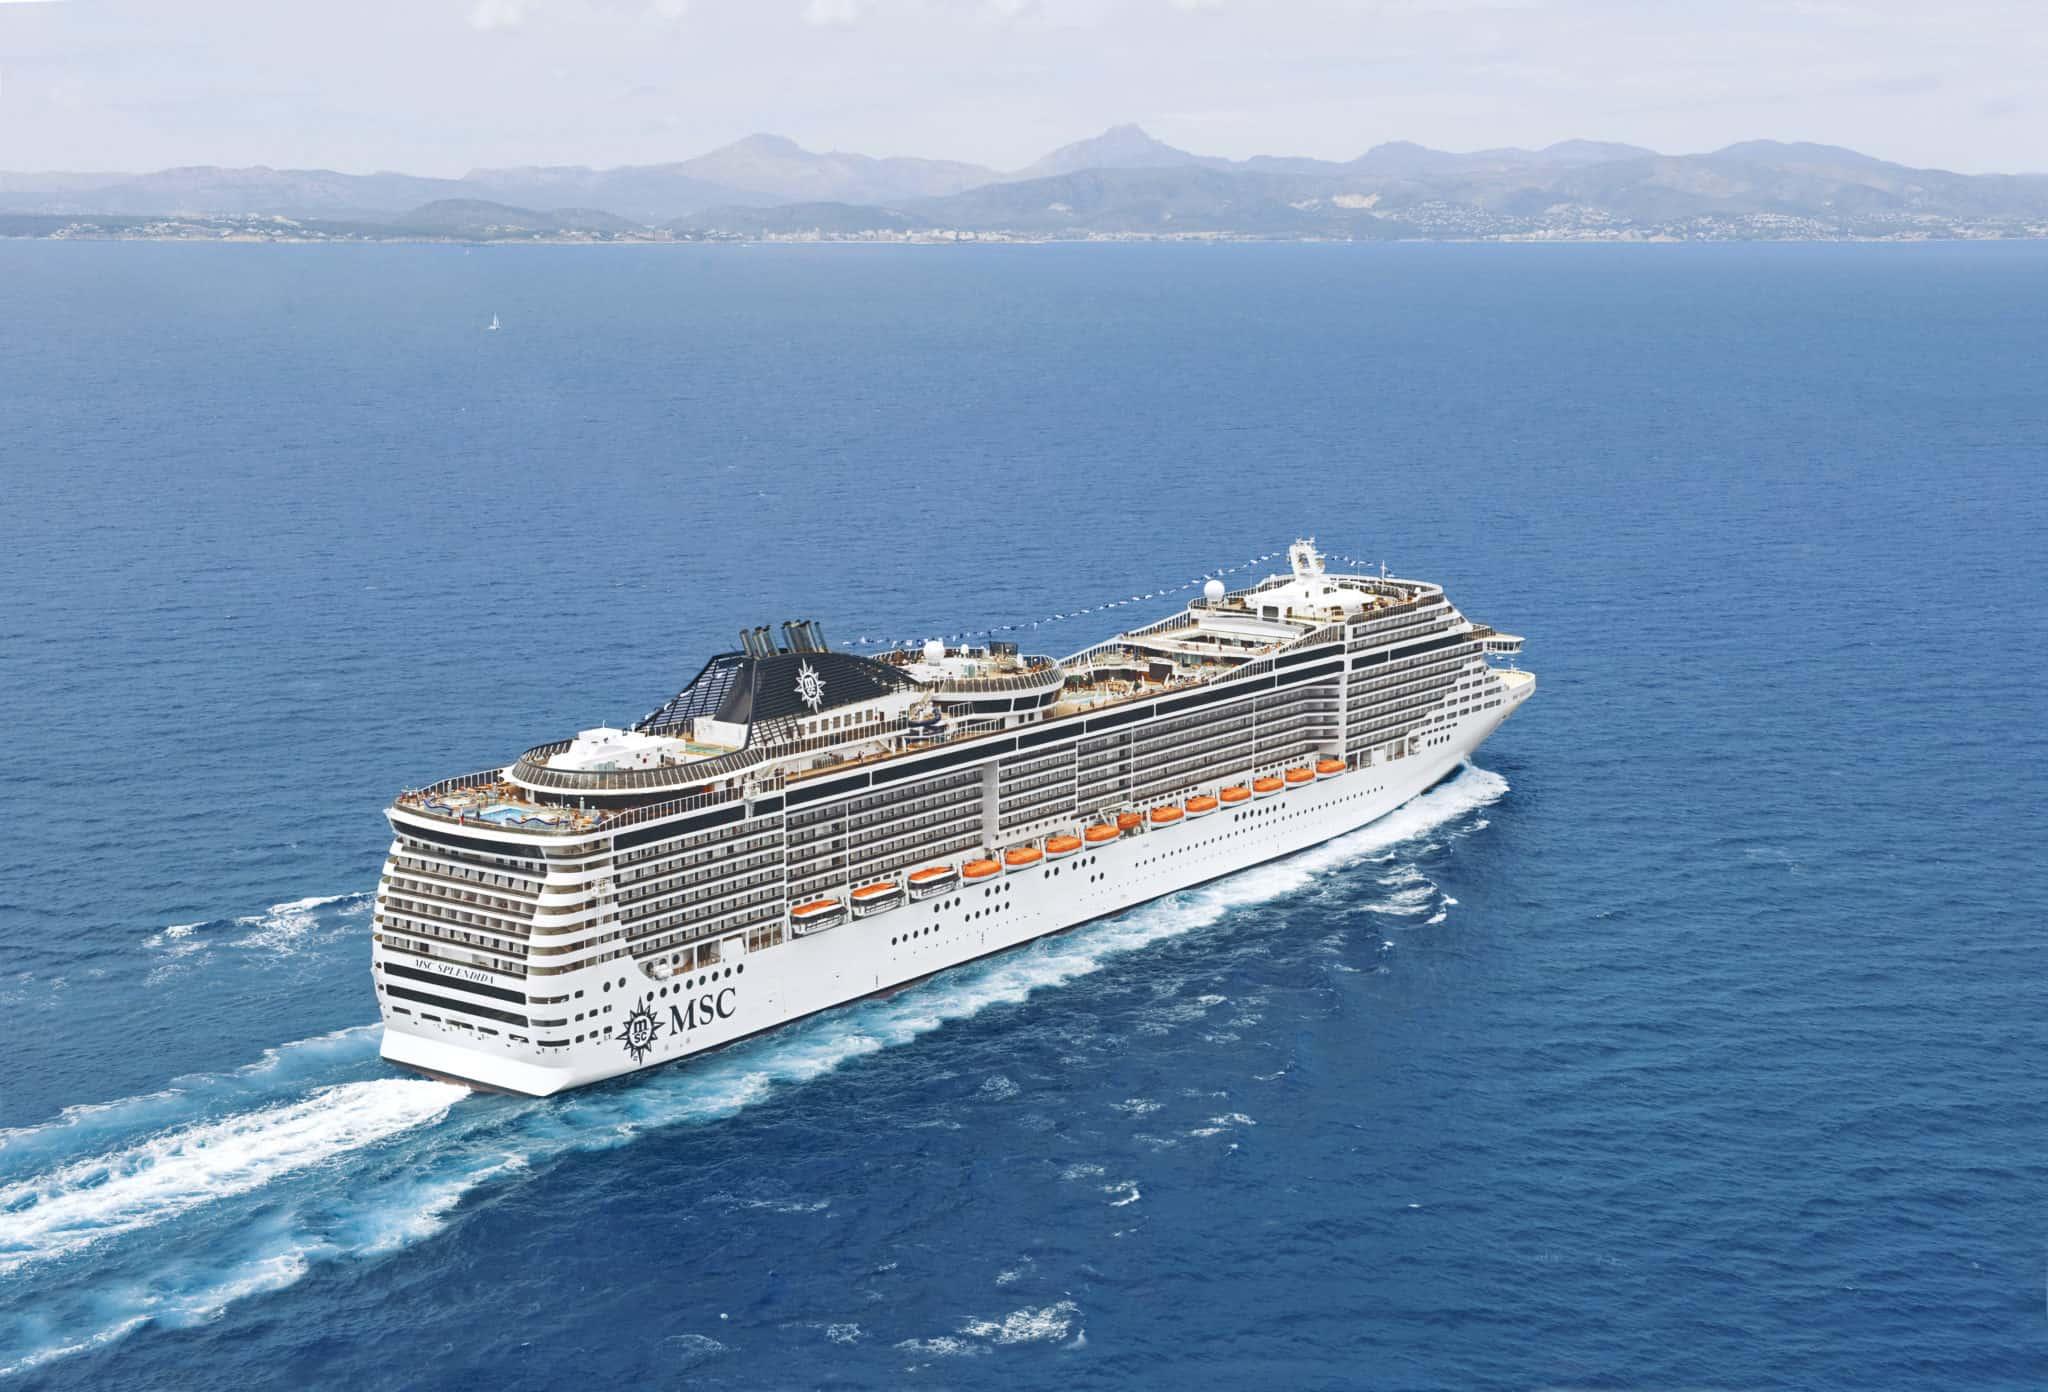 msc splendida cruise ship aerial